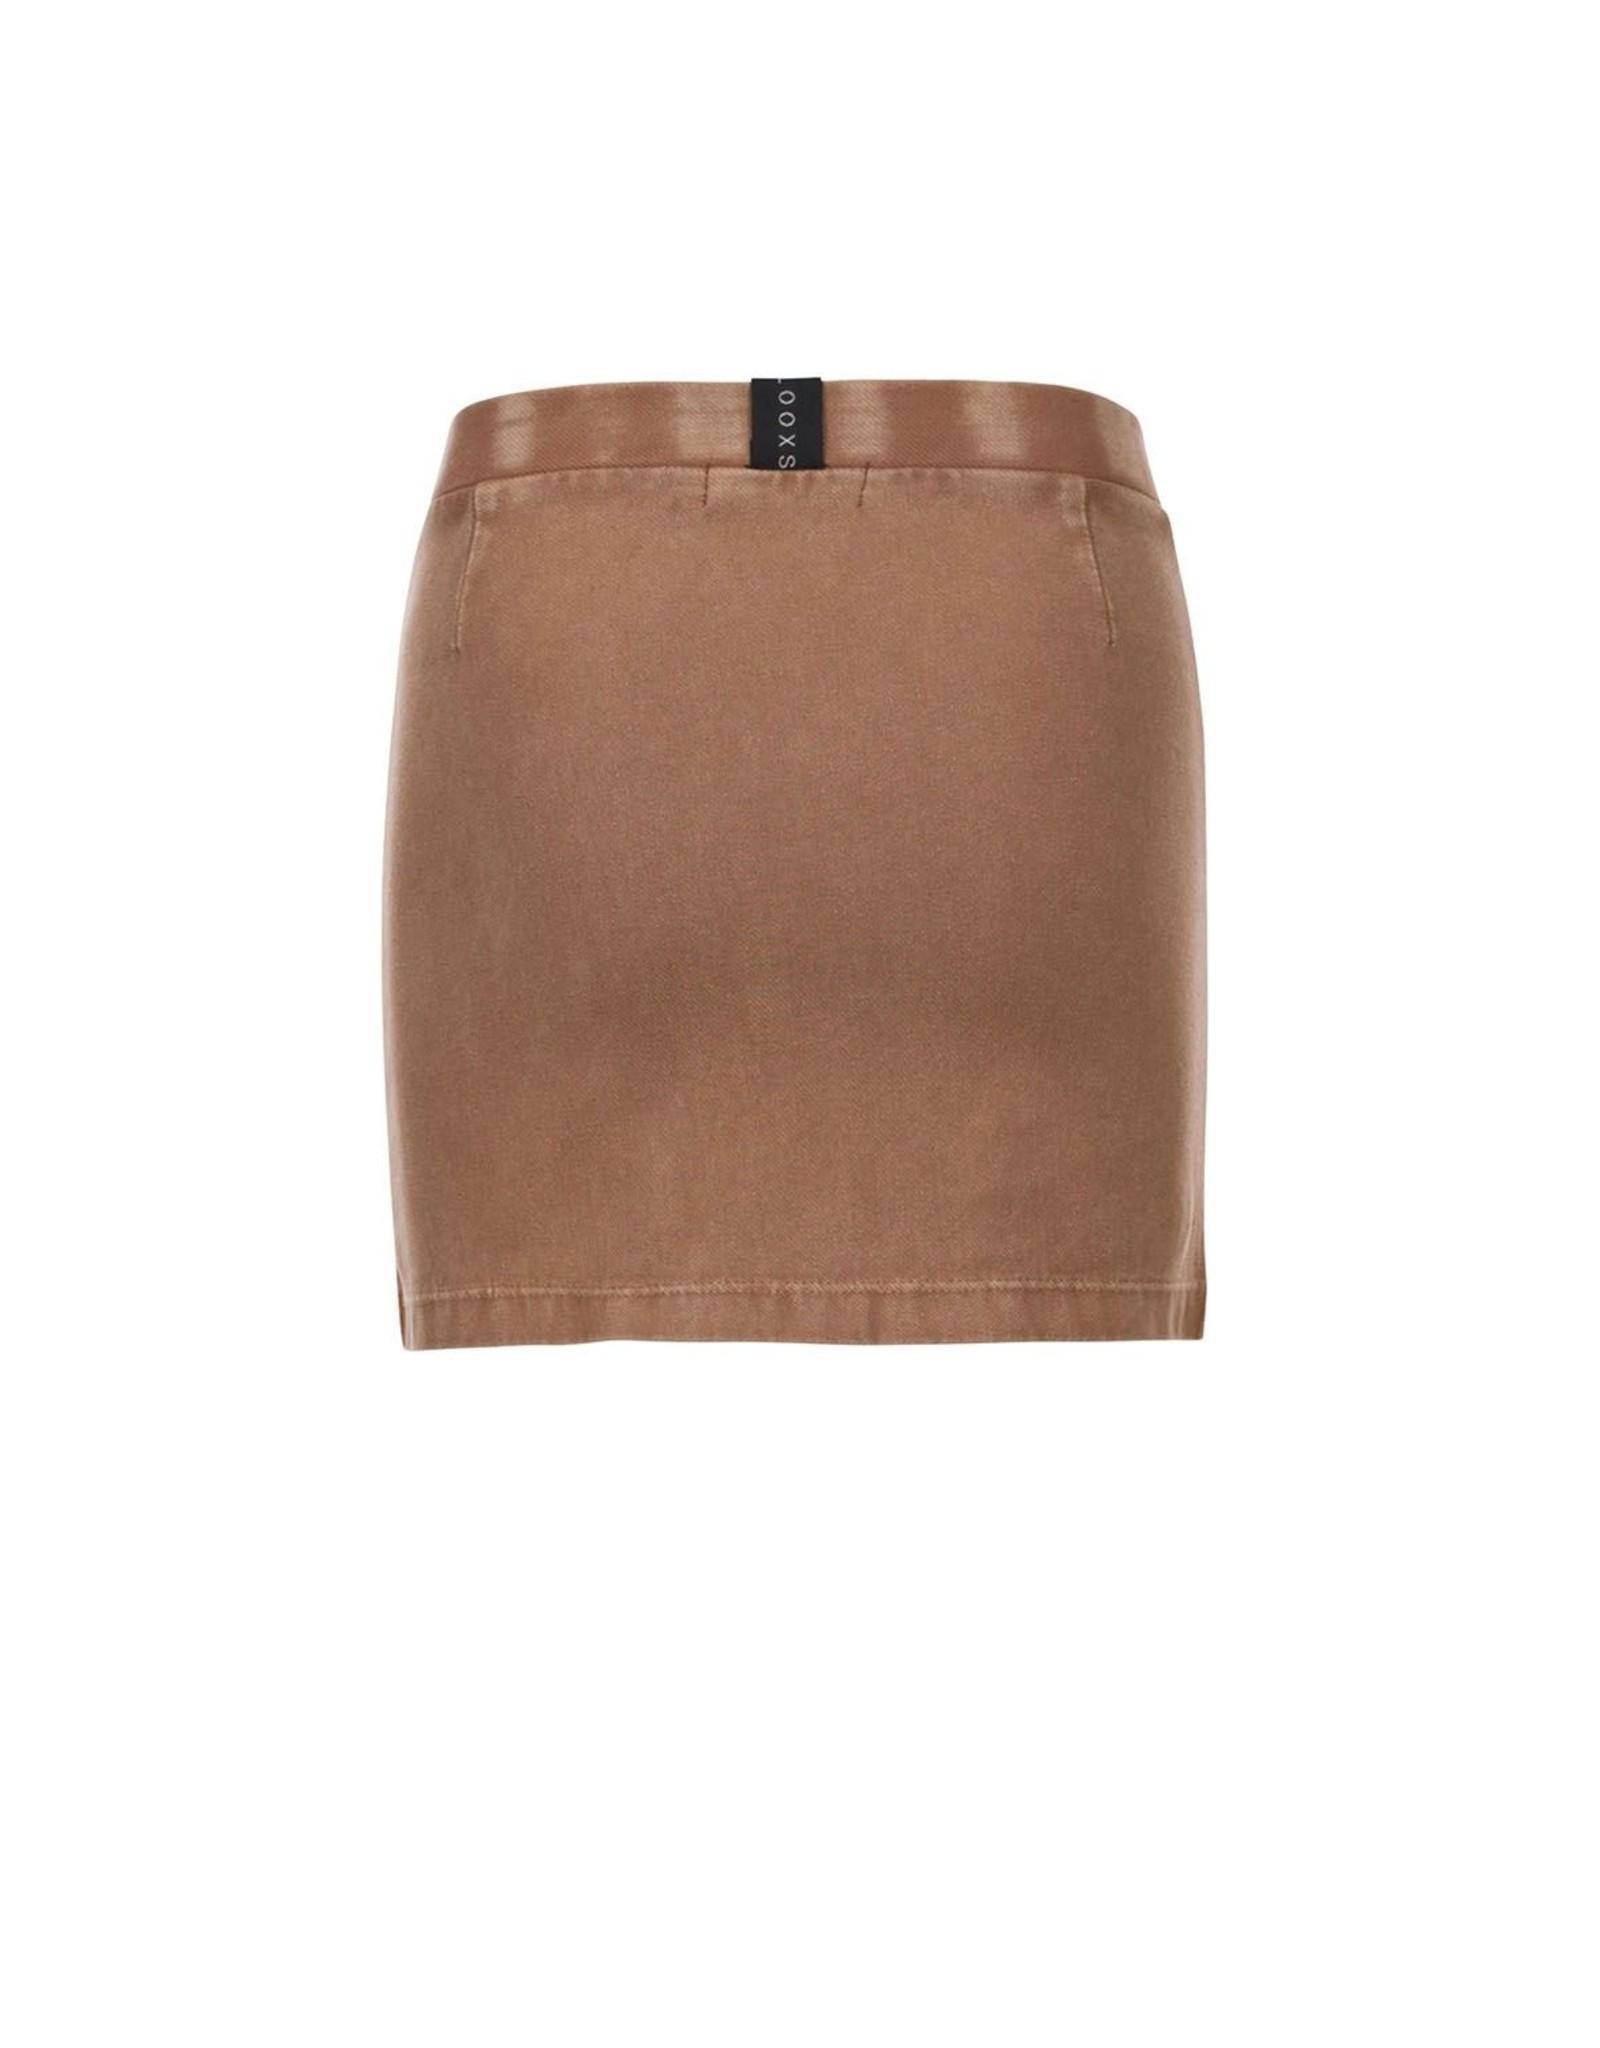 Looxs 10SIXTEEN 10Sixteen G.dyed twill jog skirt